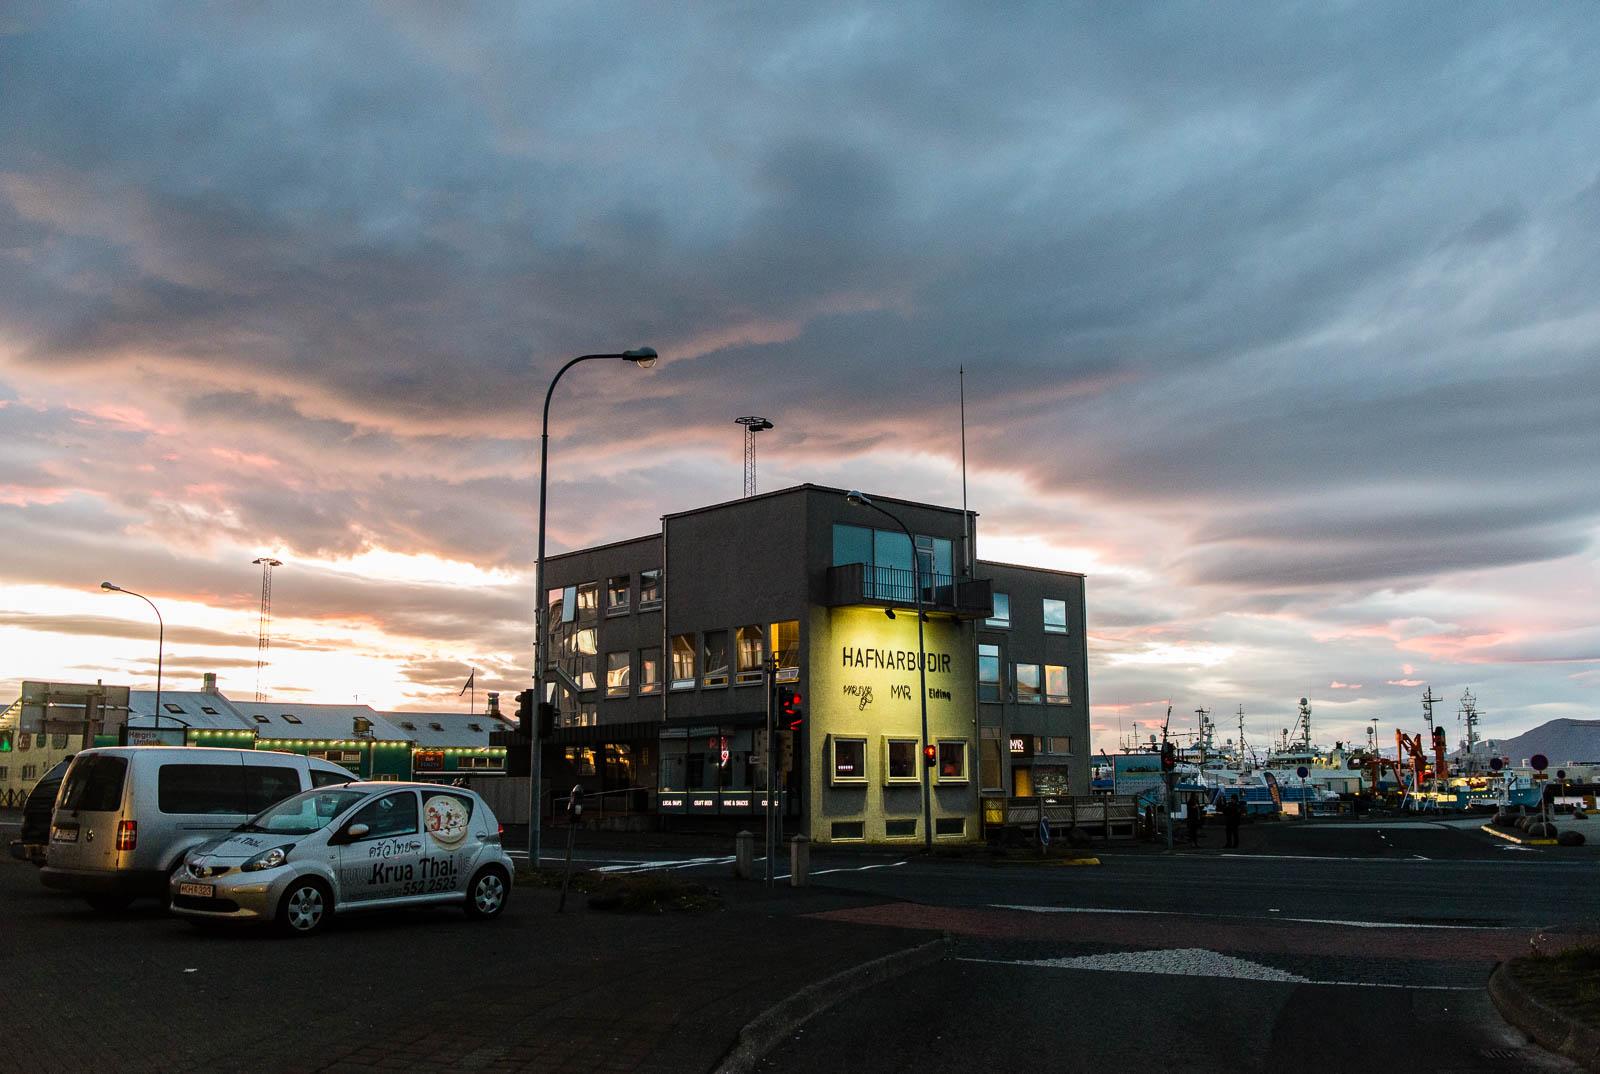 iceland-reykjavik-13